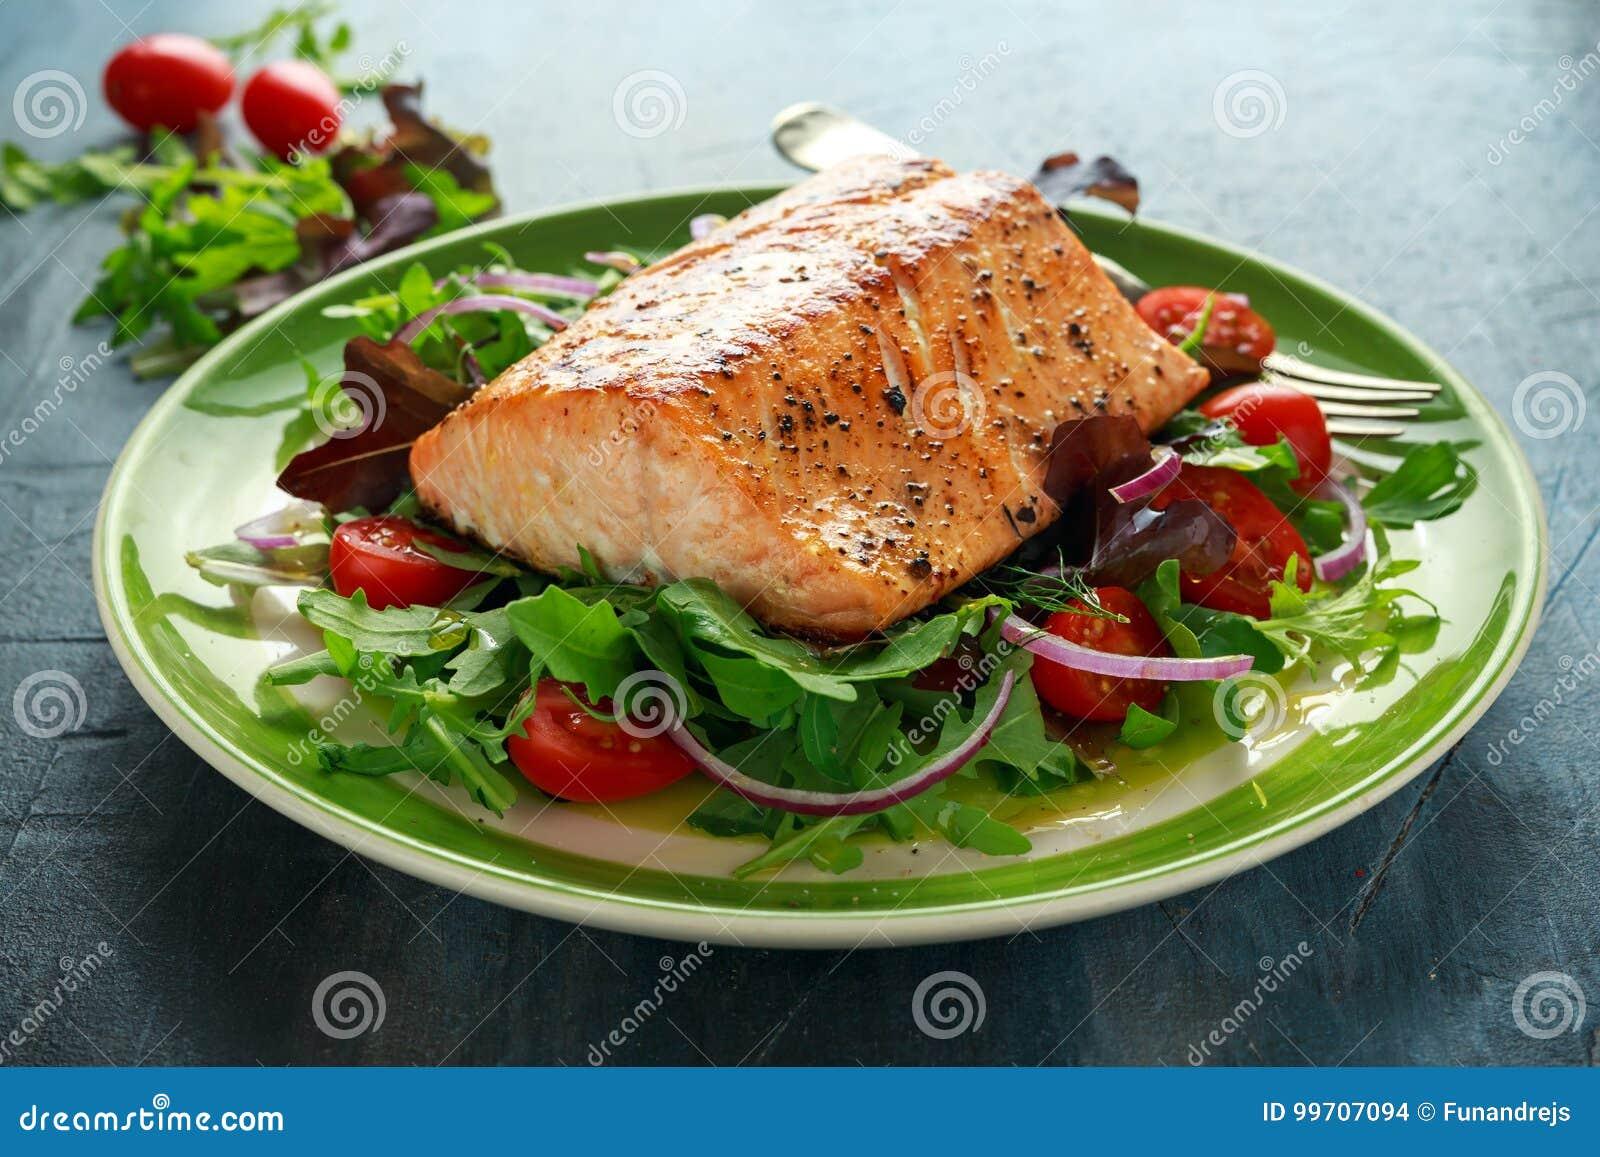 Piec łososiowy stek z pomidorem, cebula, mieszanka zieleń opuszcza sałatki w talerzu zdrowa żywność